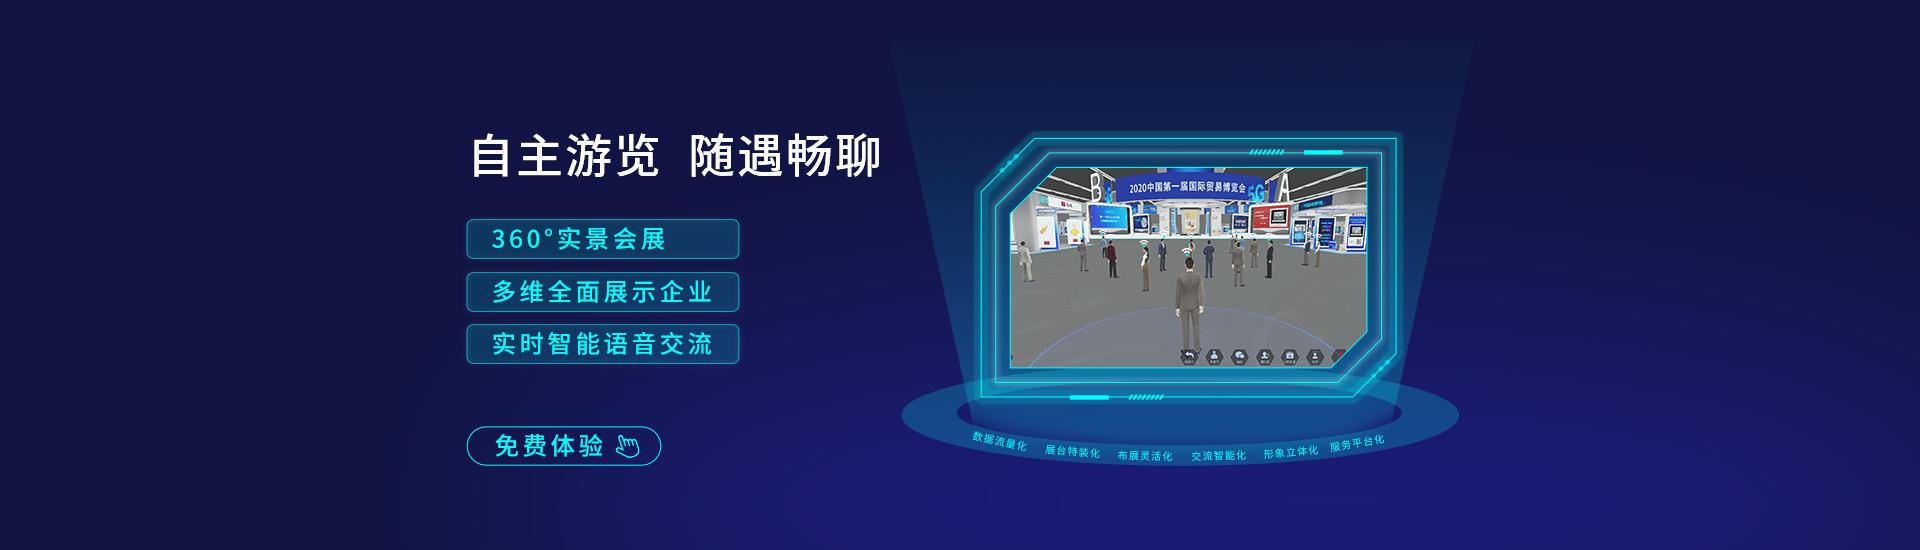 中国银河会展中心截图